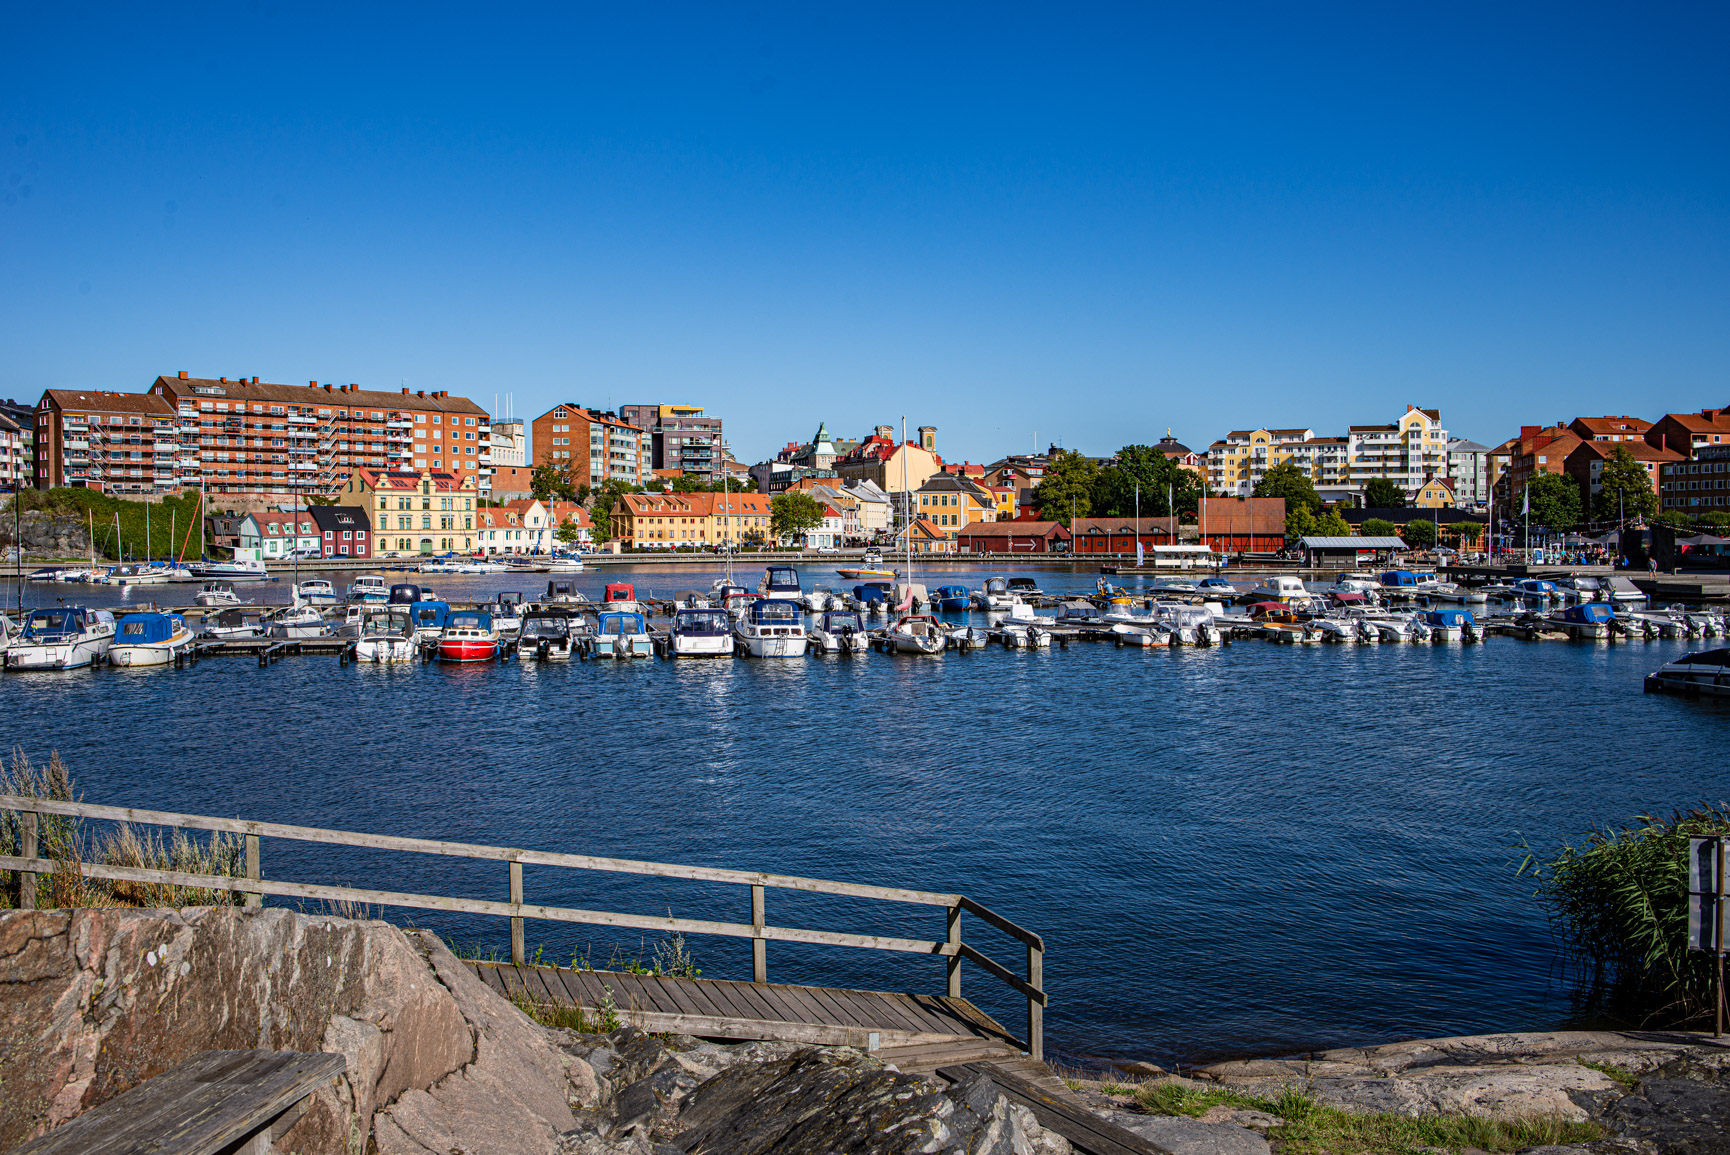 småbåtshamnen i Karlskrona vid fisktorget